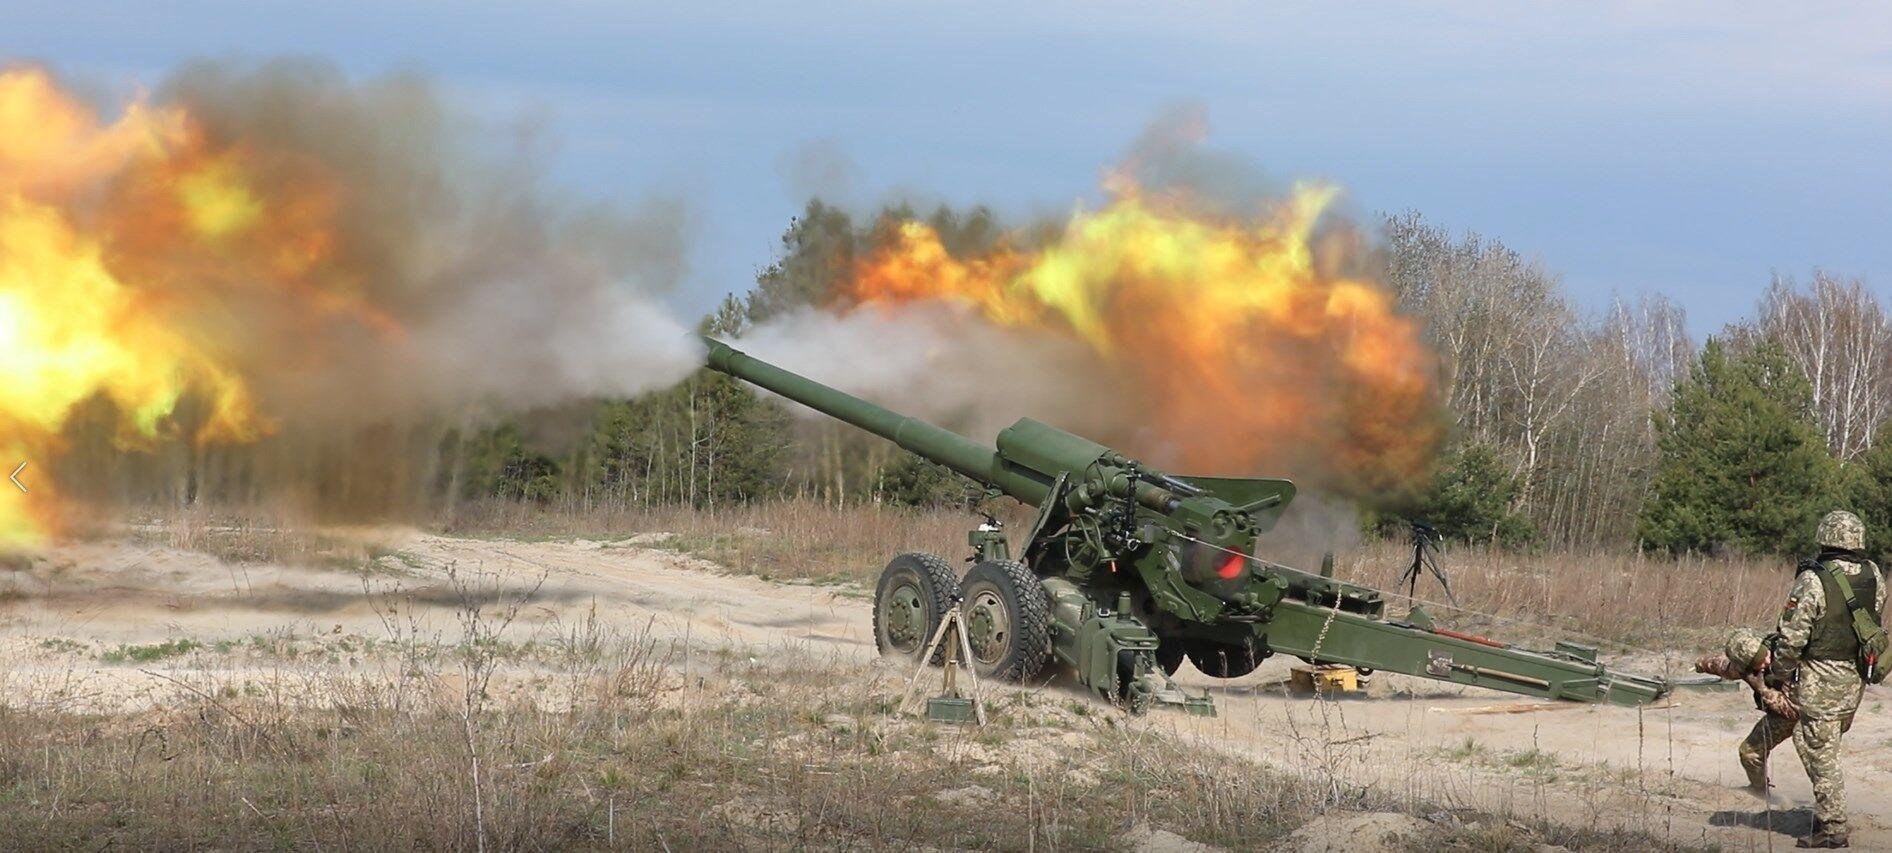 Артиллерия ВСУ ведет огонь